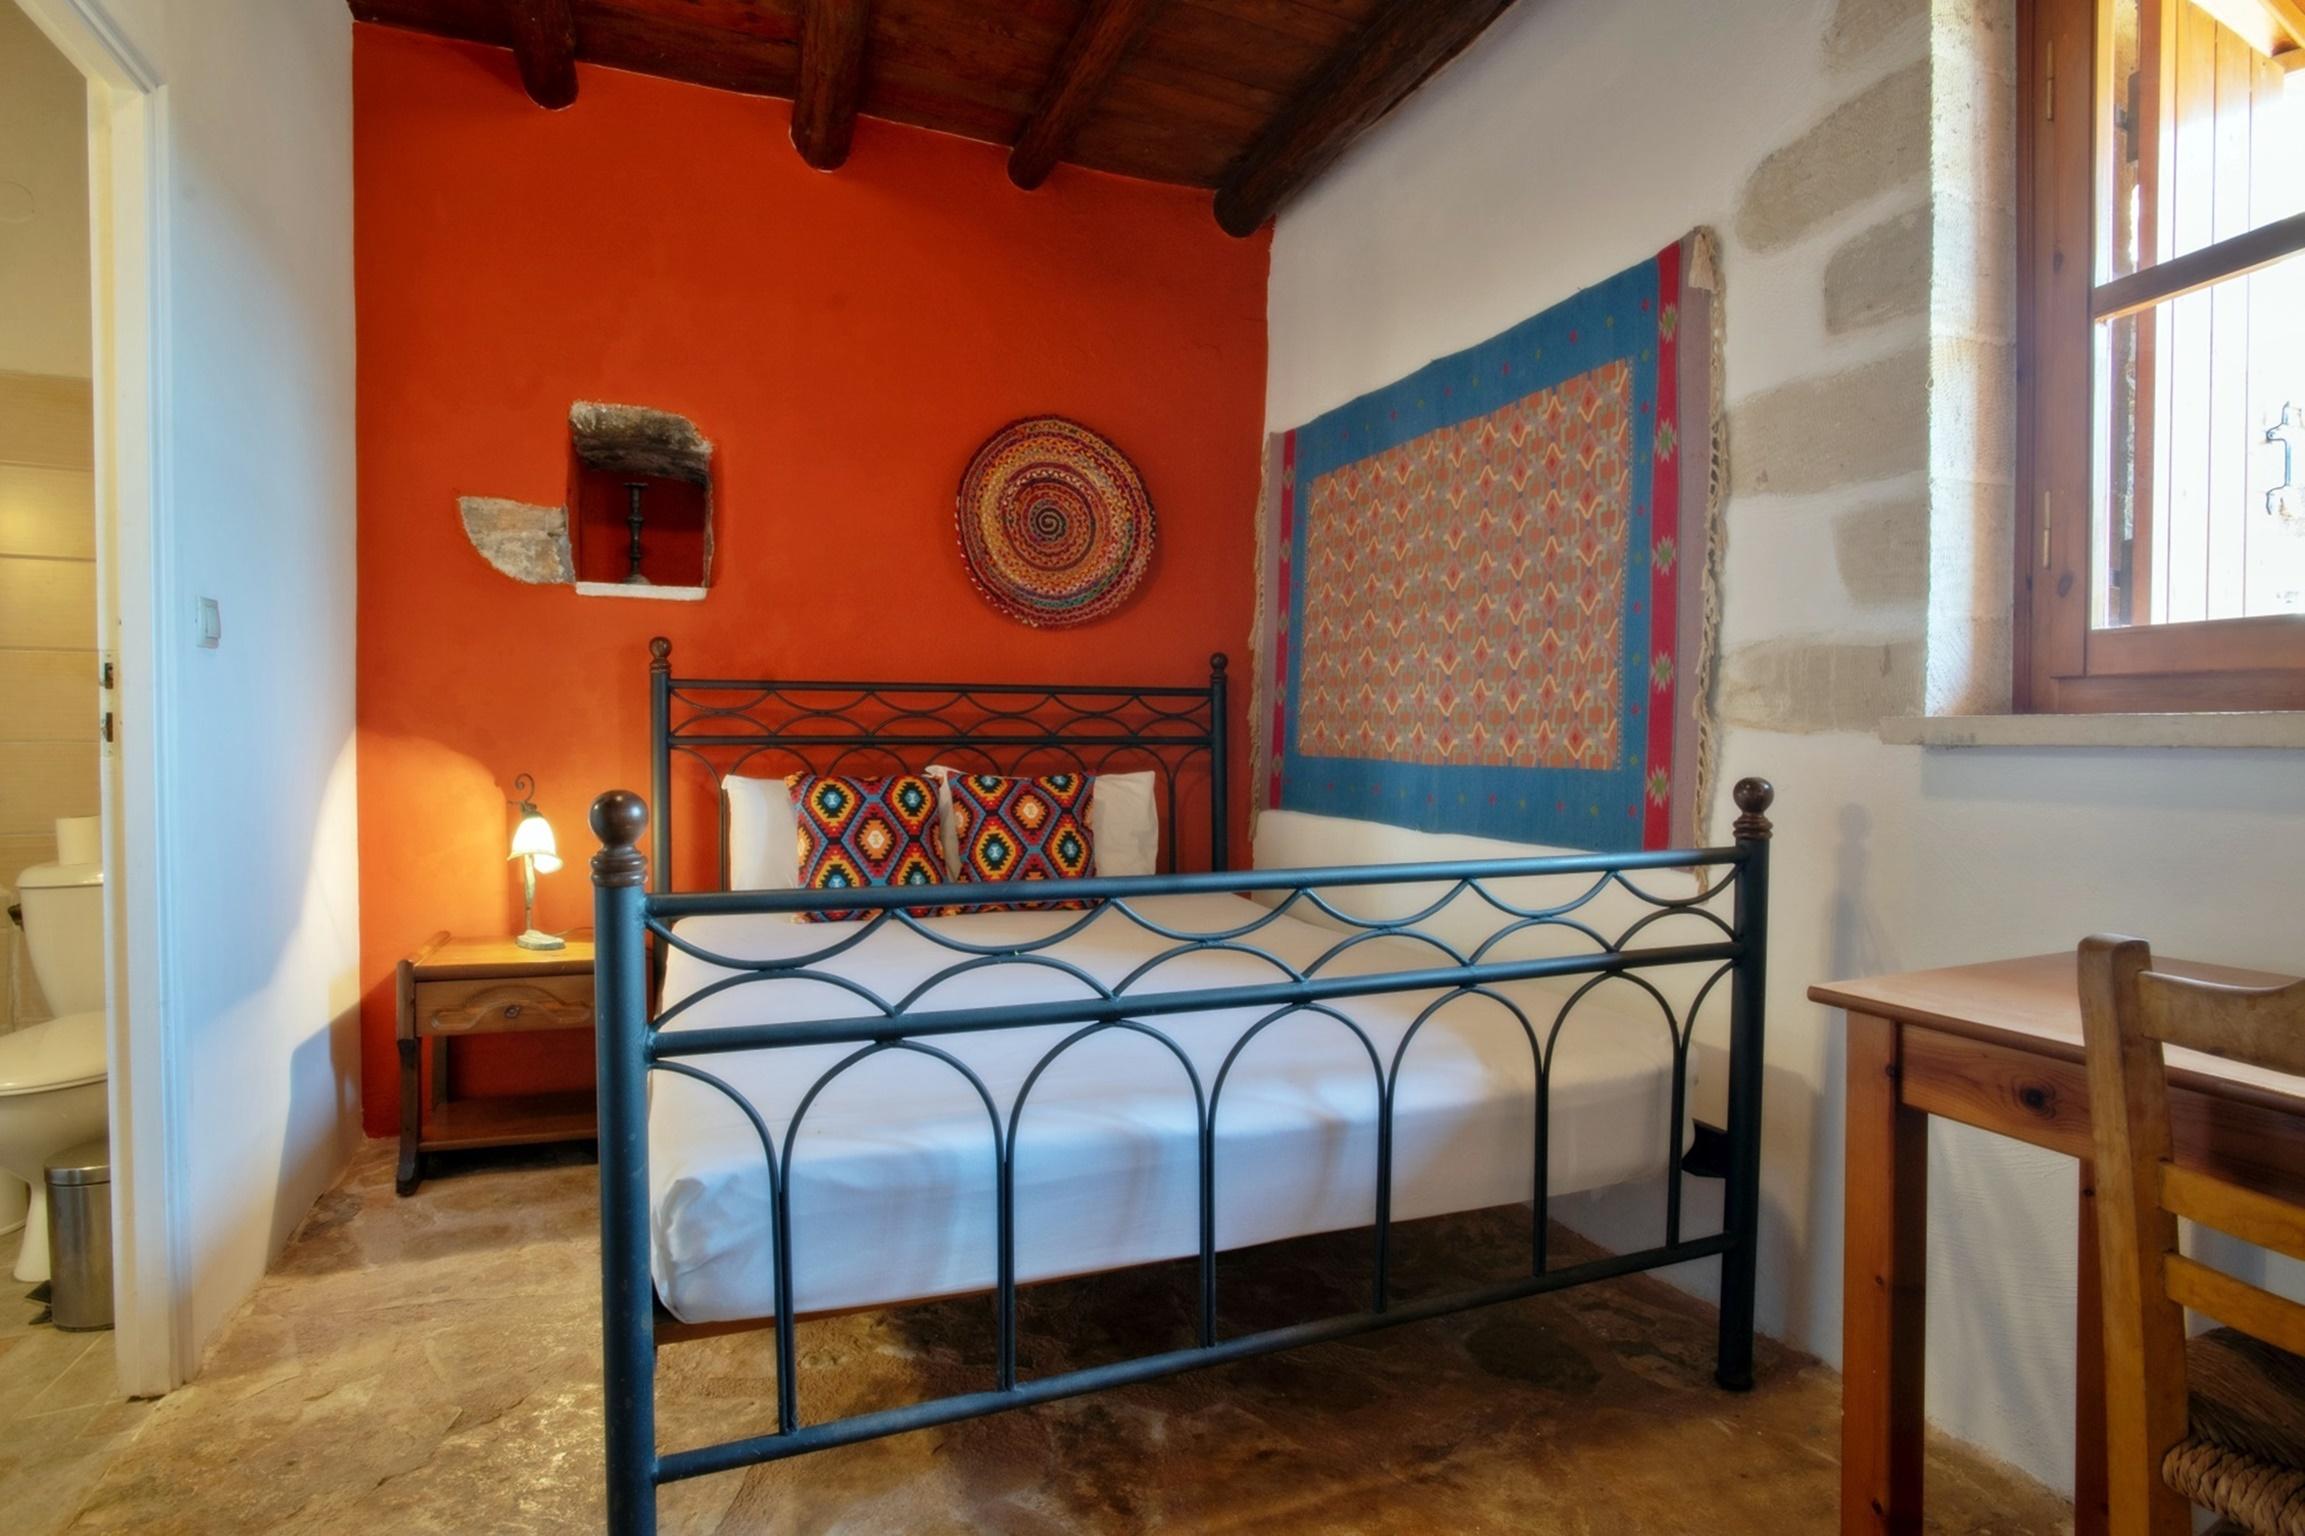 Ferienhaus Haus und Studio annektiert - Ideal groe Familien - kleines Dorf, nahe Strnde (2598996), Neon Khorion Kriti, Kreta Nordküste, Kreta, Griechenland, Bild 4